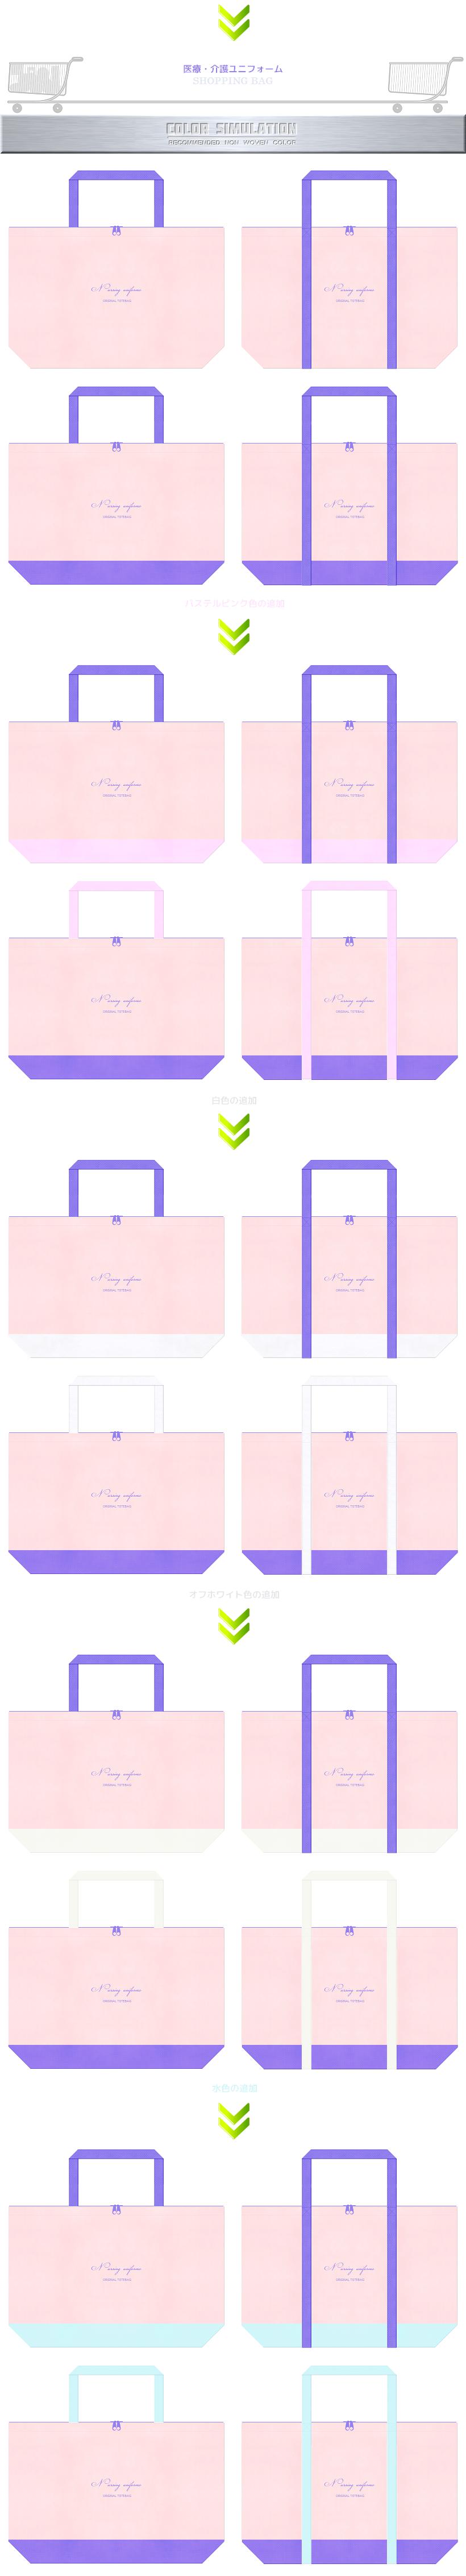 桜色と薄紫色をメインに使用した不織布バッグのカラーシミュレーション(潤い・衛生・清潔):医療・介護ユニフォームのショッピングバッグ